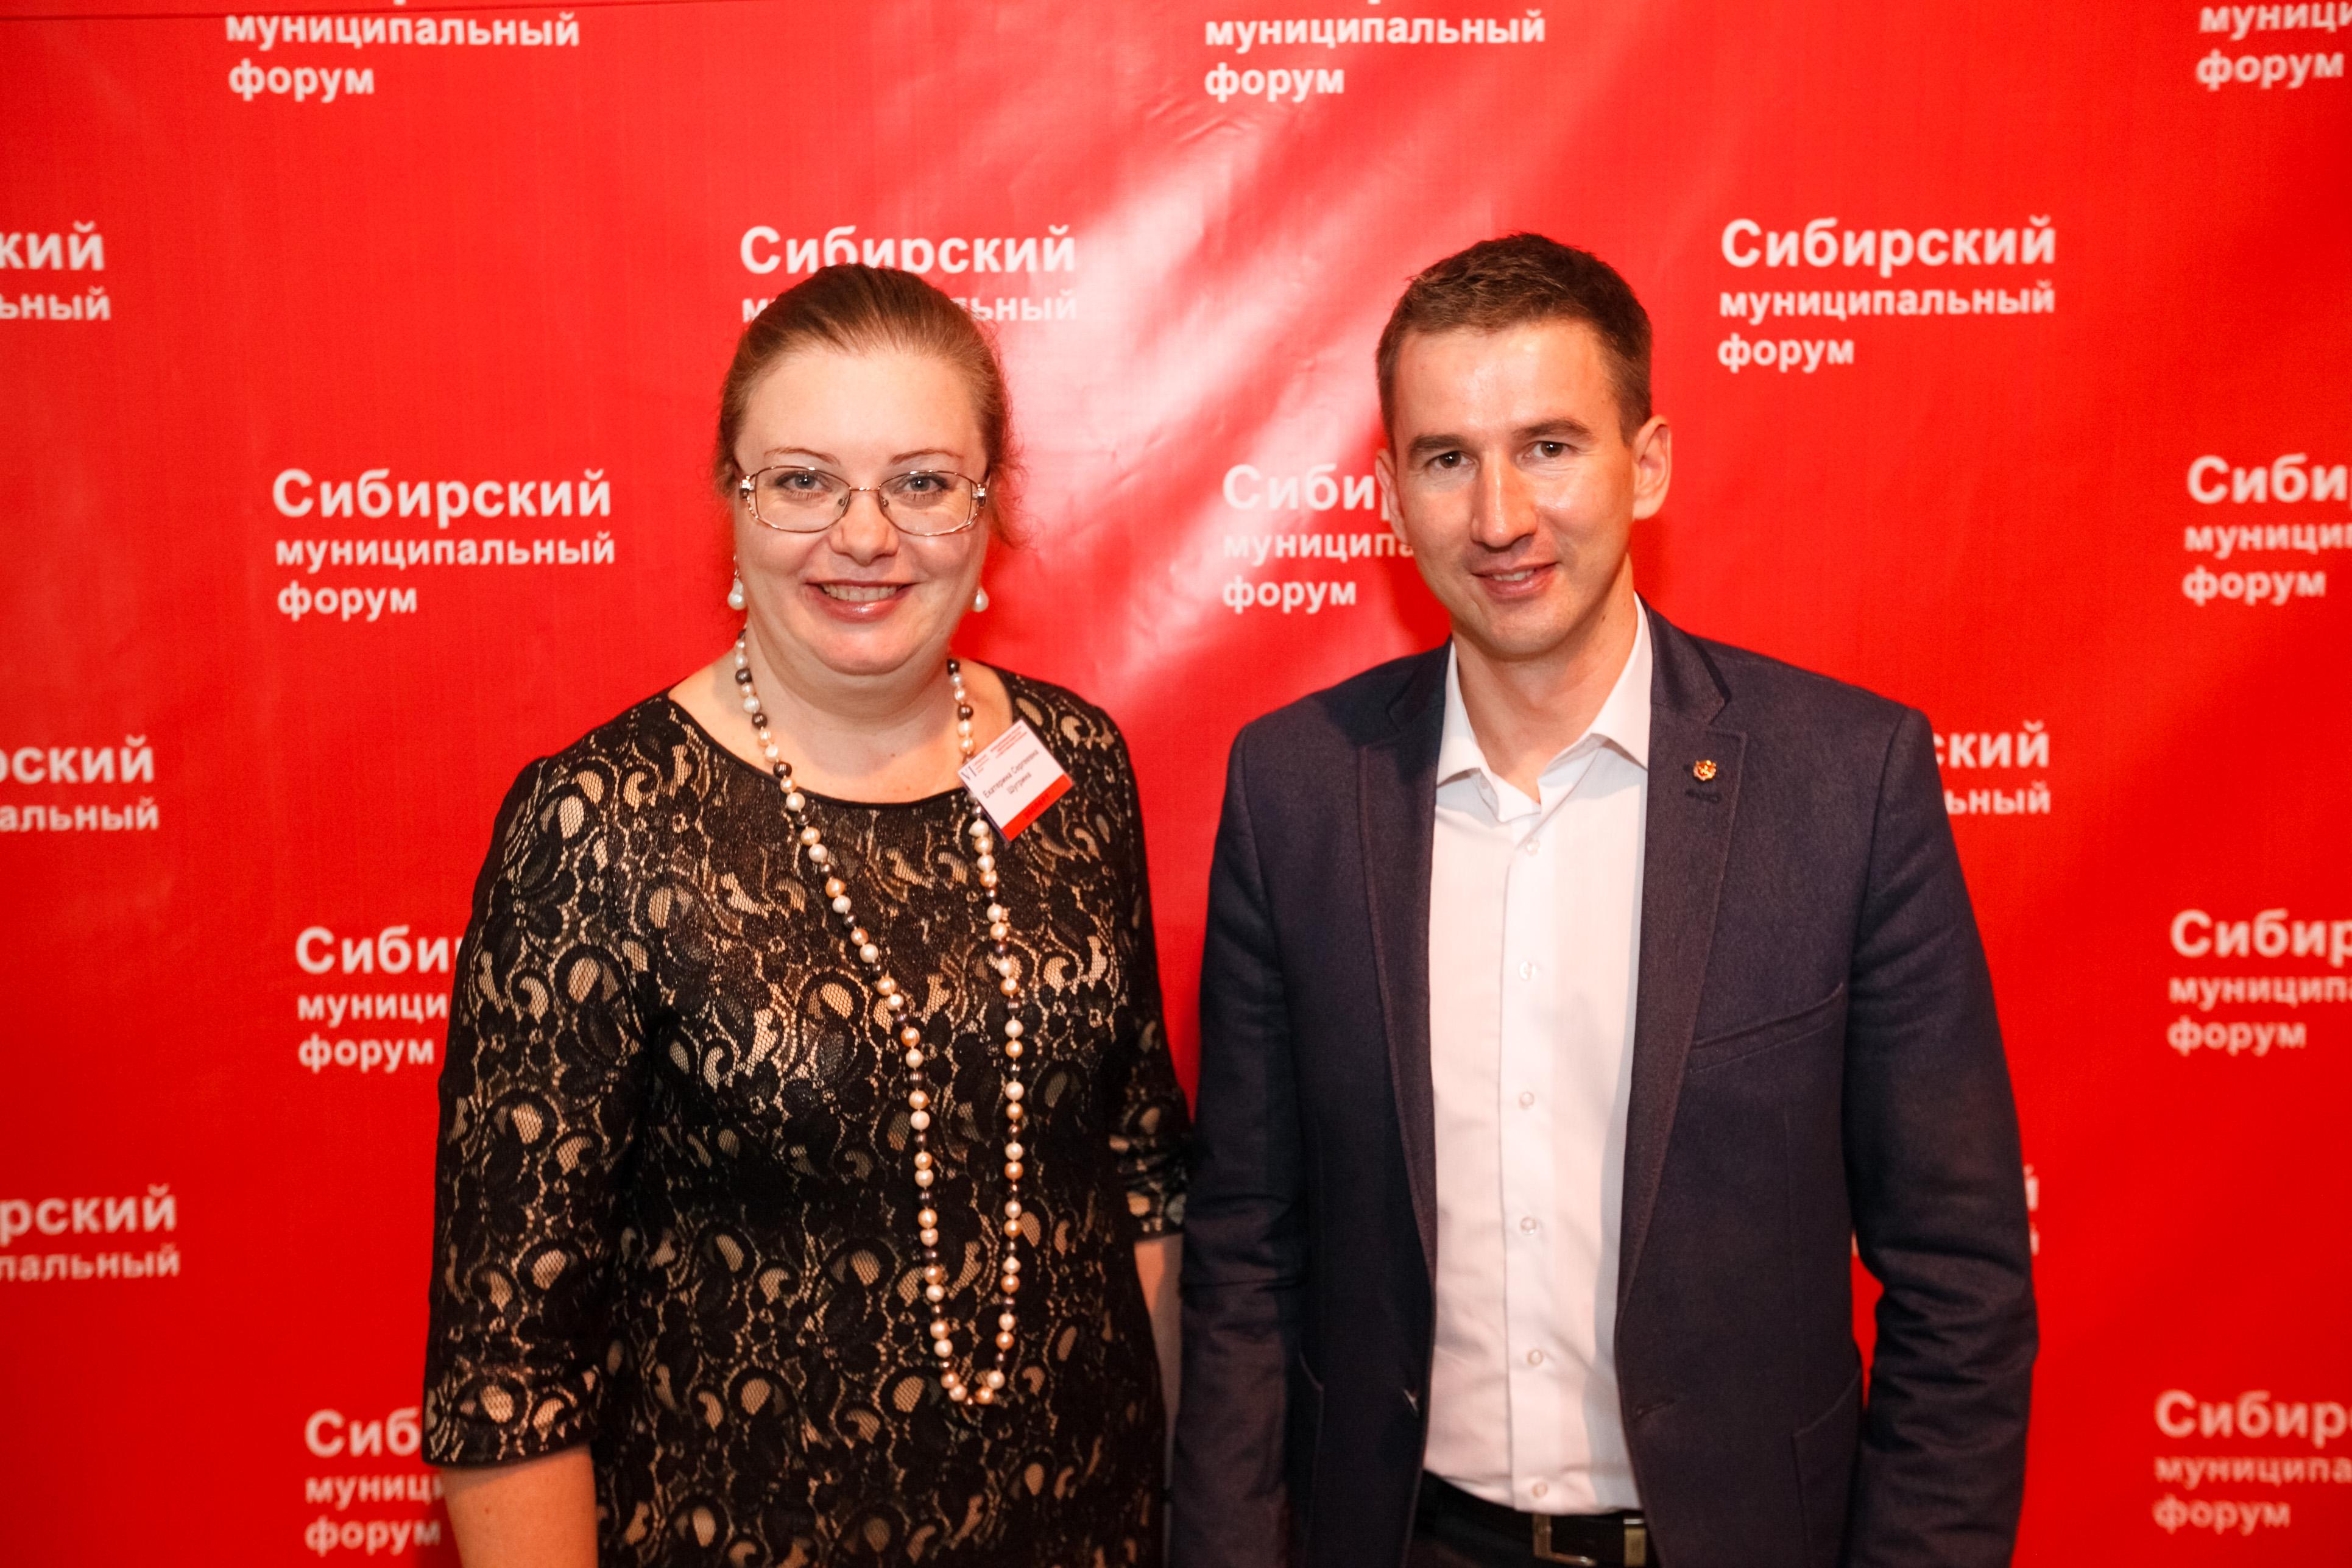 Профессор Екатерина Шугрина приняла участие в работе VI Сибирского муниципального форума #4